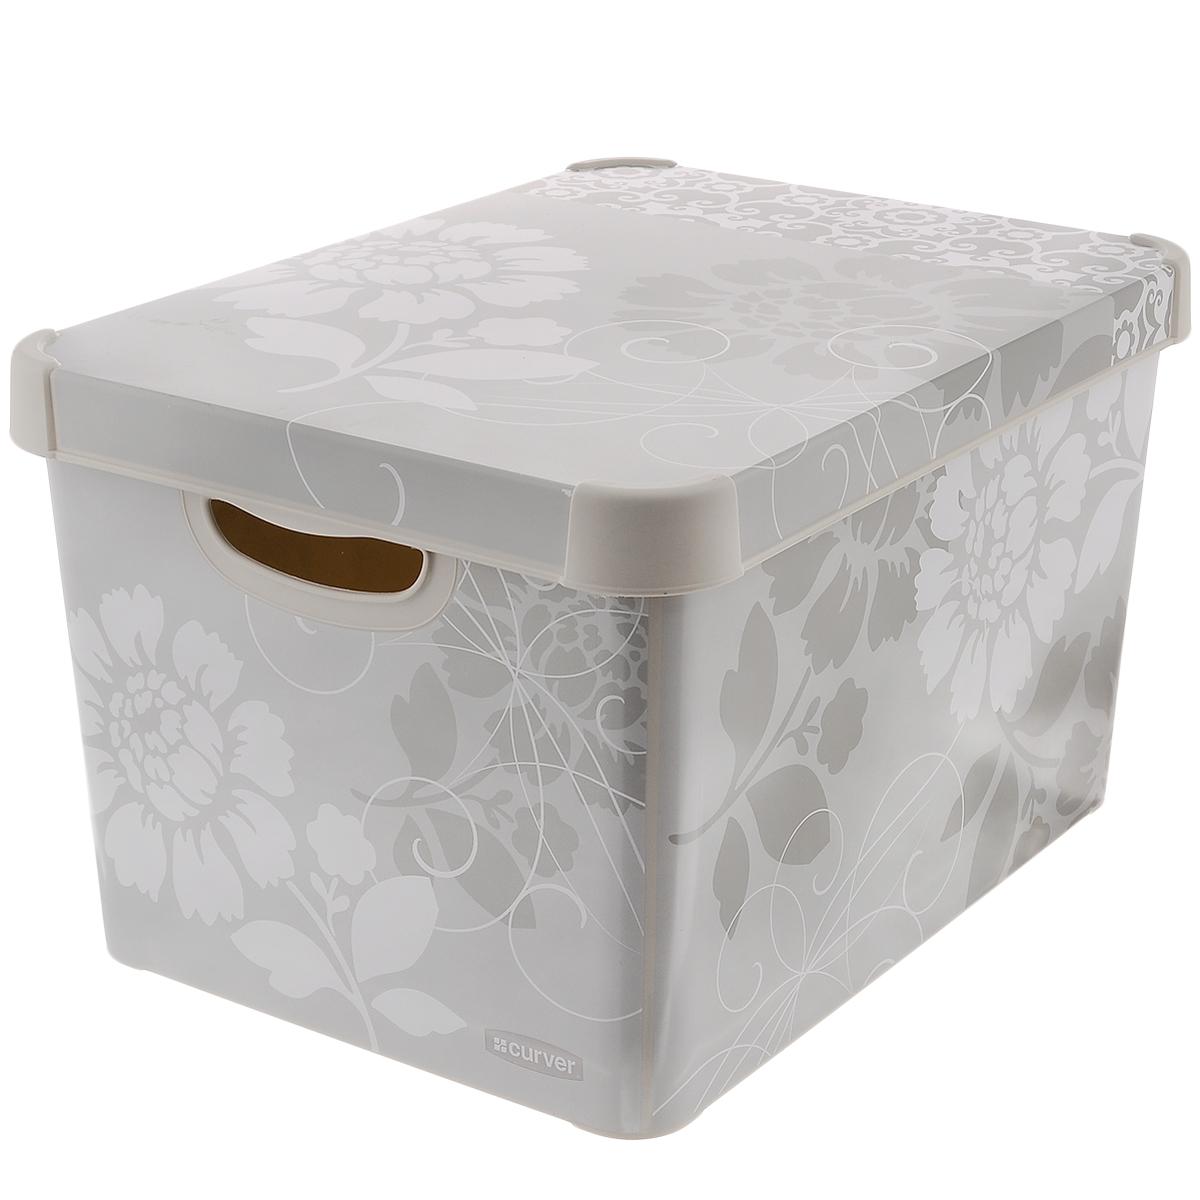 Коробка для хранения Curver Romance, цвет: серый, белый, 39 см х 29 см х 23 смБрелок для ключейКоробка Curver Romance, выполненная из высококачественного пластика, предназначена для хранения различных вещей. Изделие украшено цветочным изображением. Коробка оснащена крышкой и удобными ручками по бокам. Изящный дизайн коробки впишется в любой интерьер. Декоративная коробка поможет хранить все в одном месте, а также защитить вещи от пыли, грязи и влаги. Размер коробки: 39 см х 29 см х 23 см. Объем: 22 л.